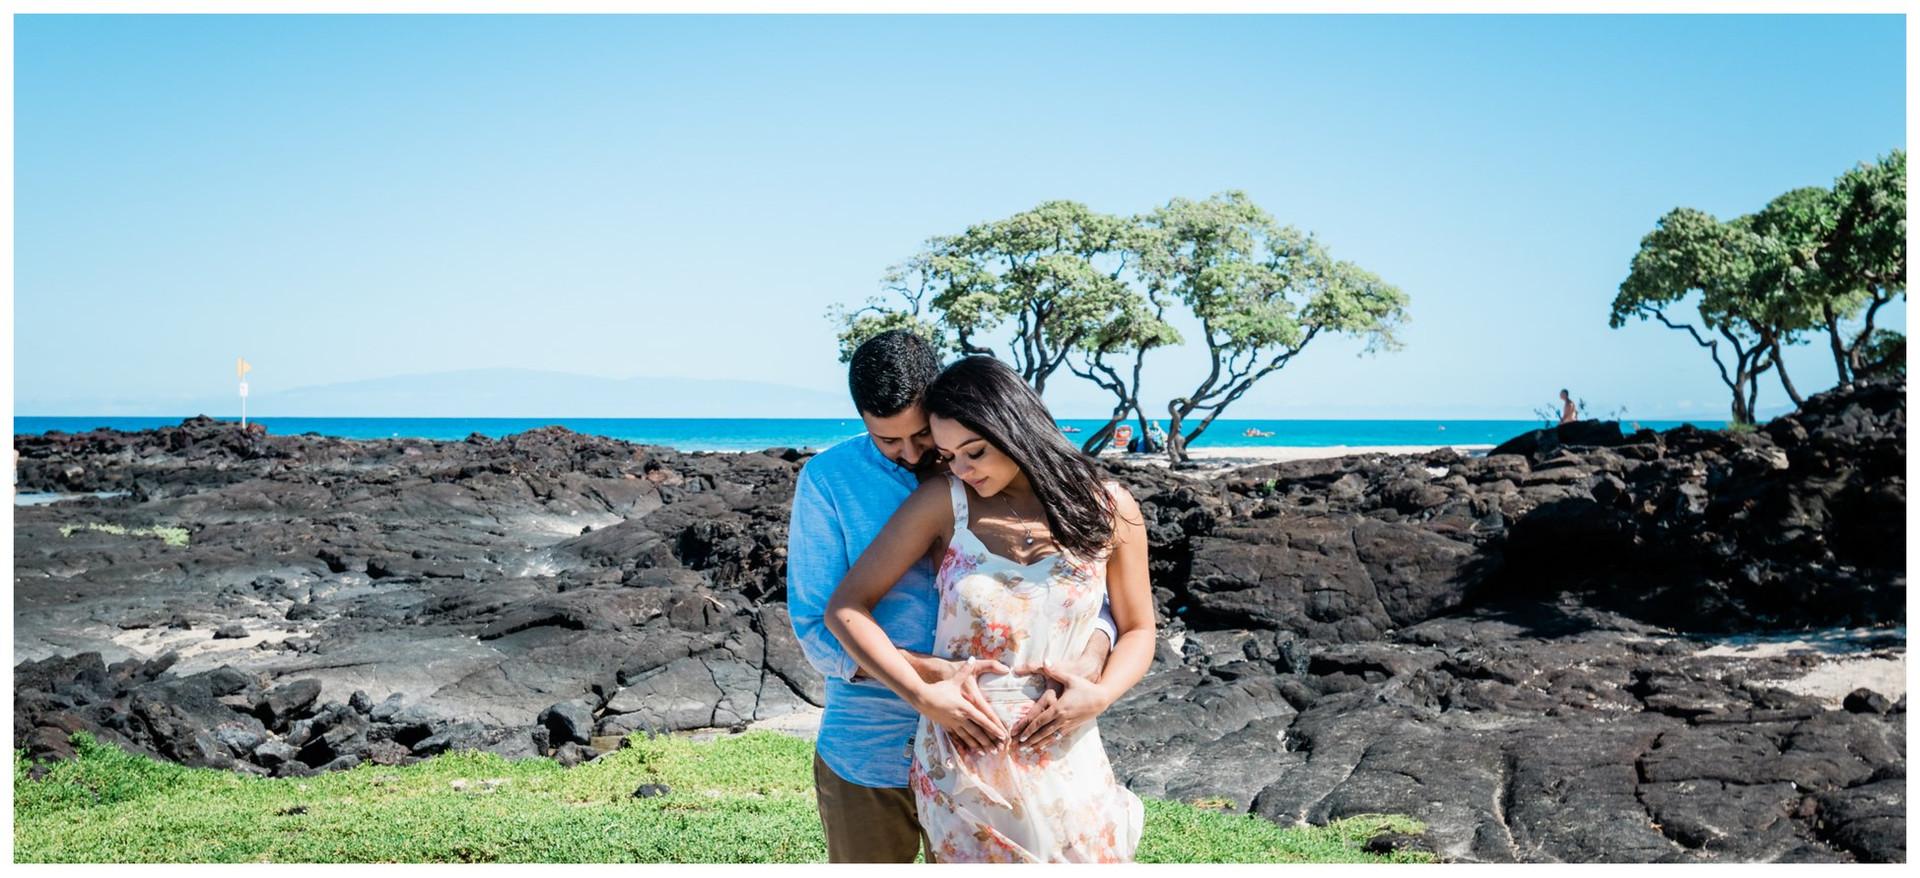 Hawaii Babymoon Photography 5.jpg